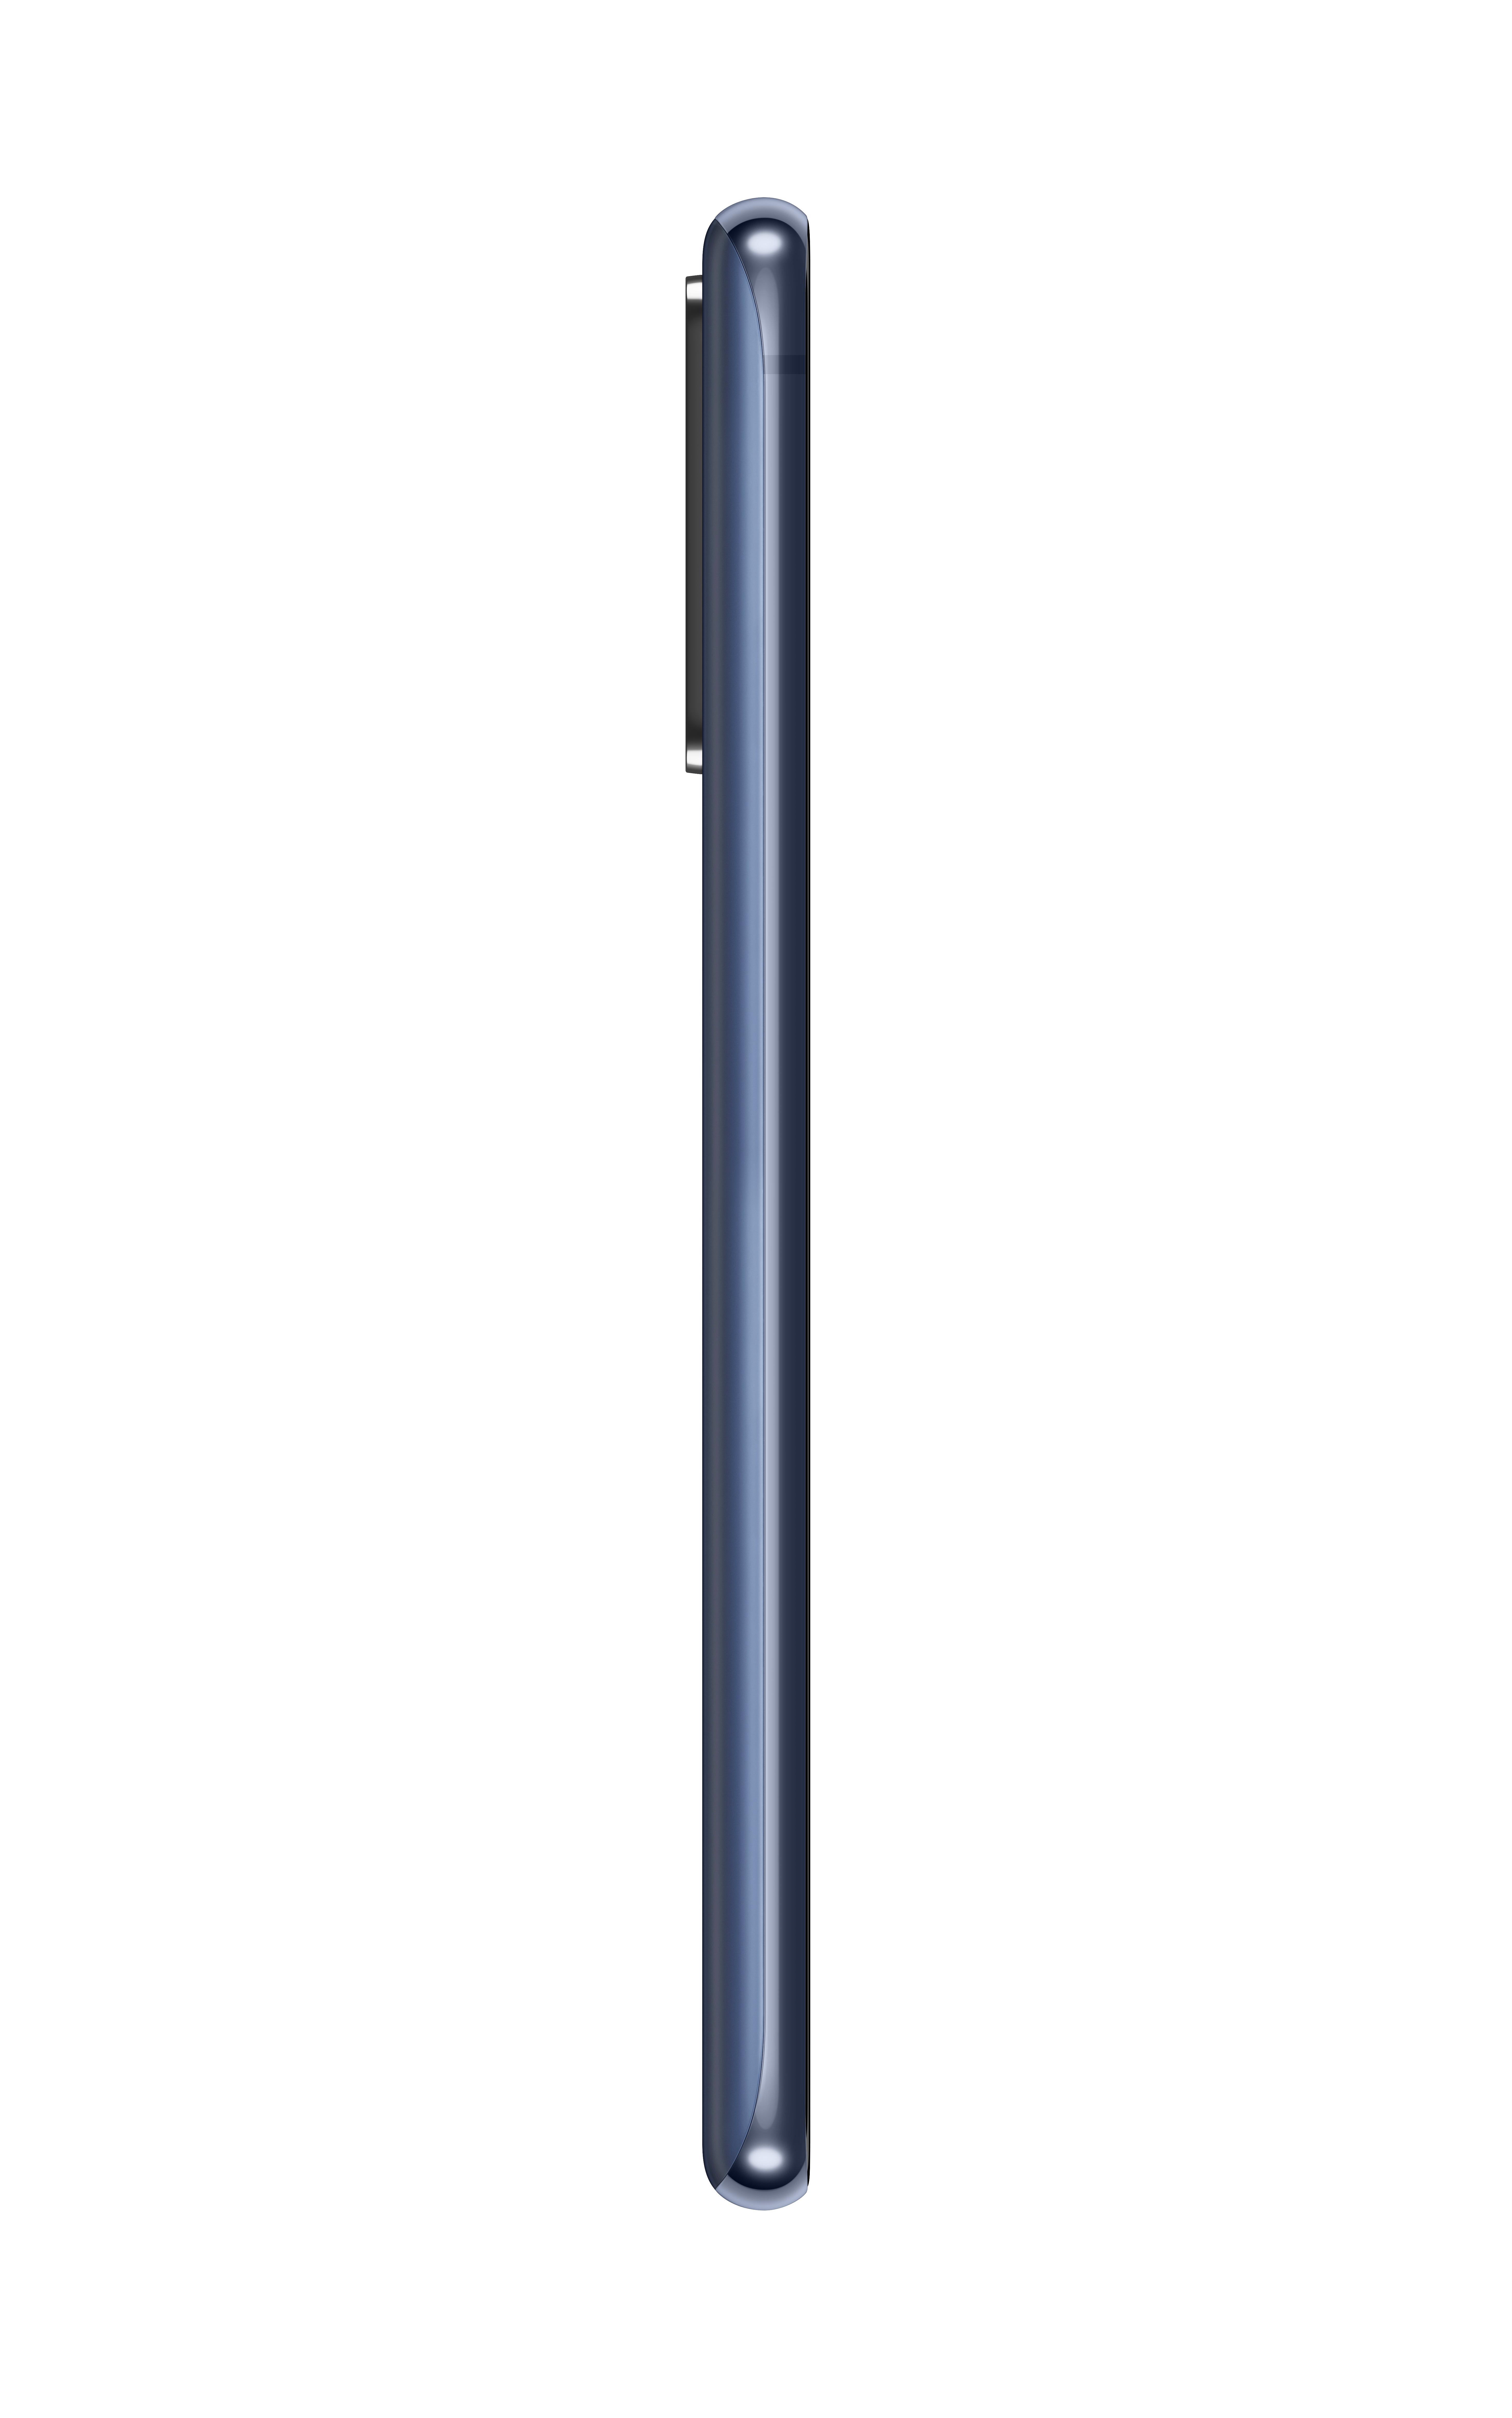 Samsung Galaxy S20 - Smartphone - 12 MP 128 GB - Blau